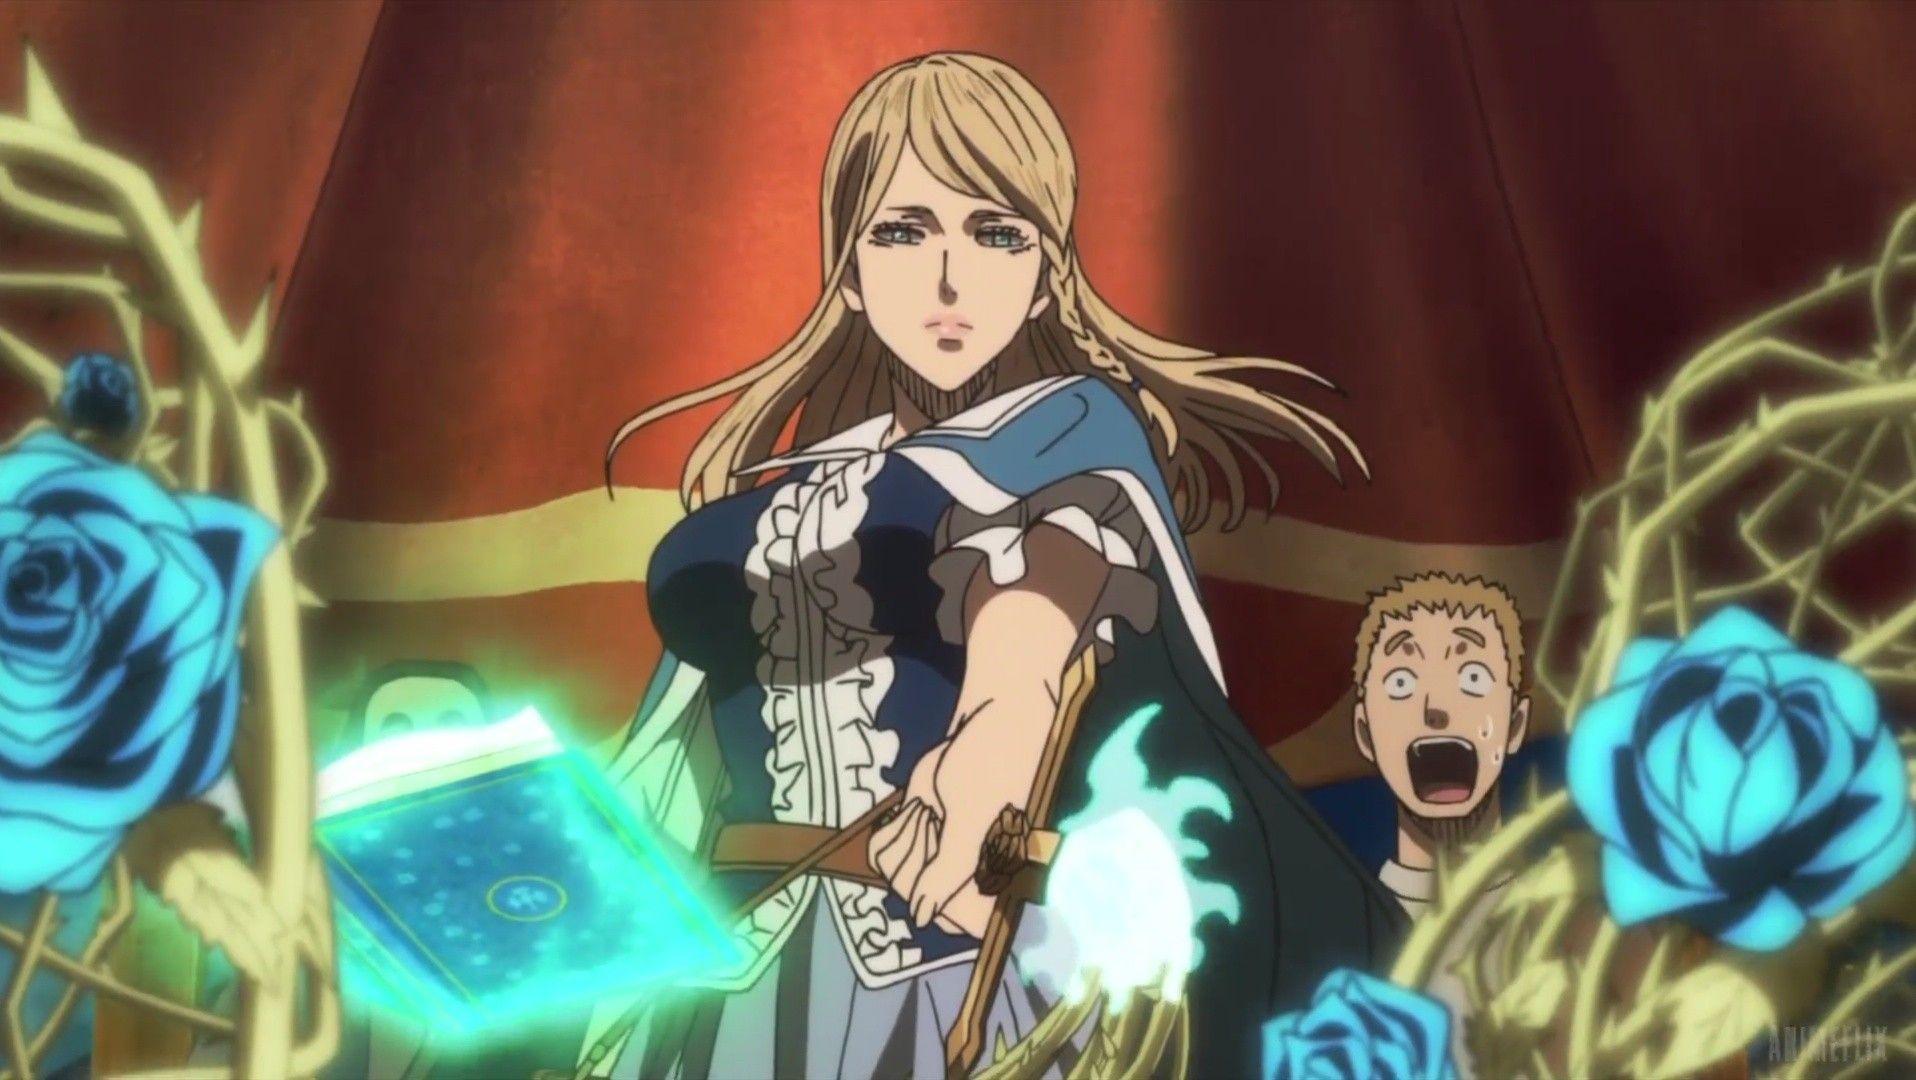 Charlotte Roselei Anime Anime Art Art